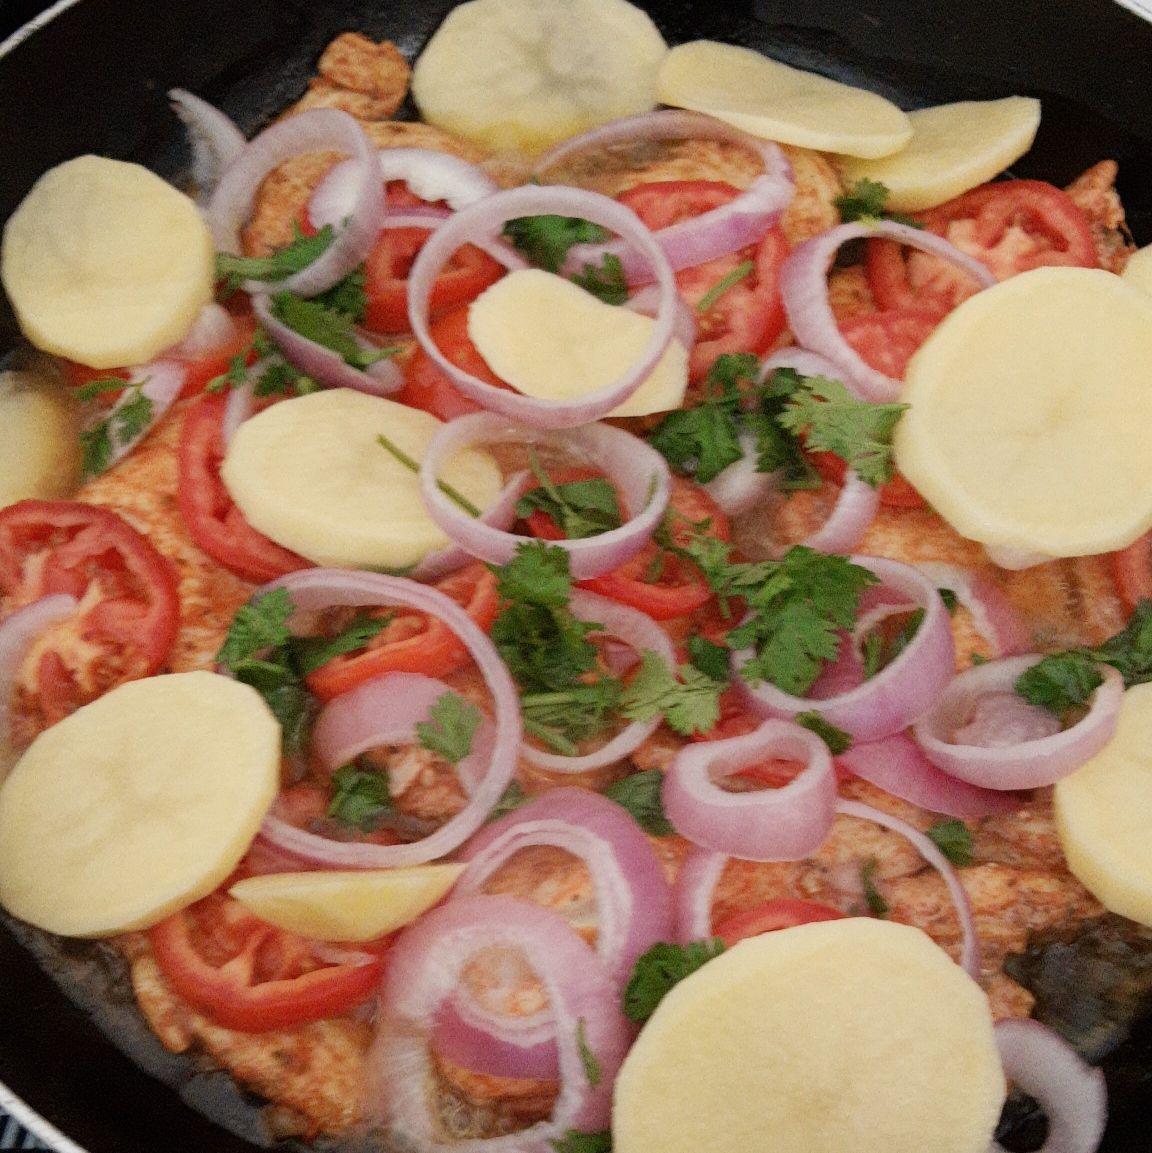 Filé de frango com batatas ao molho shoyu e mostarda